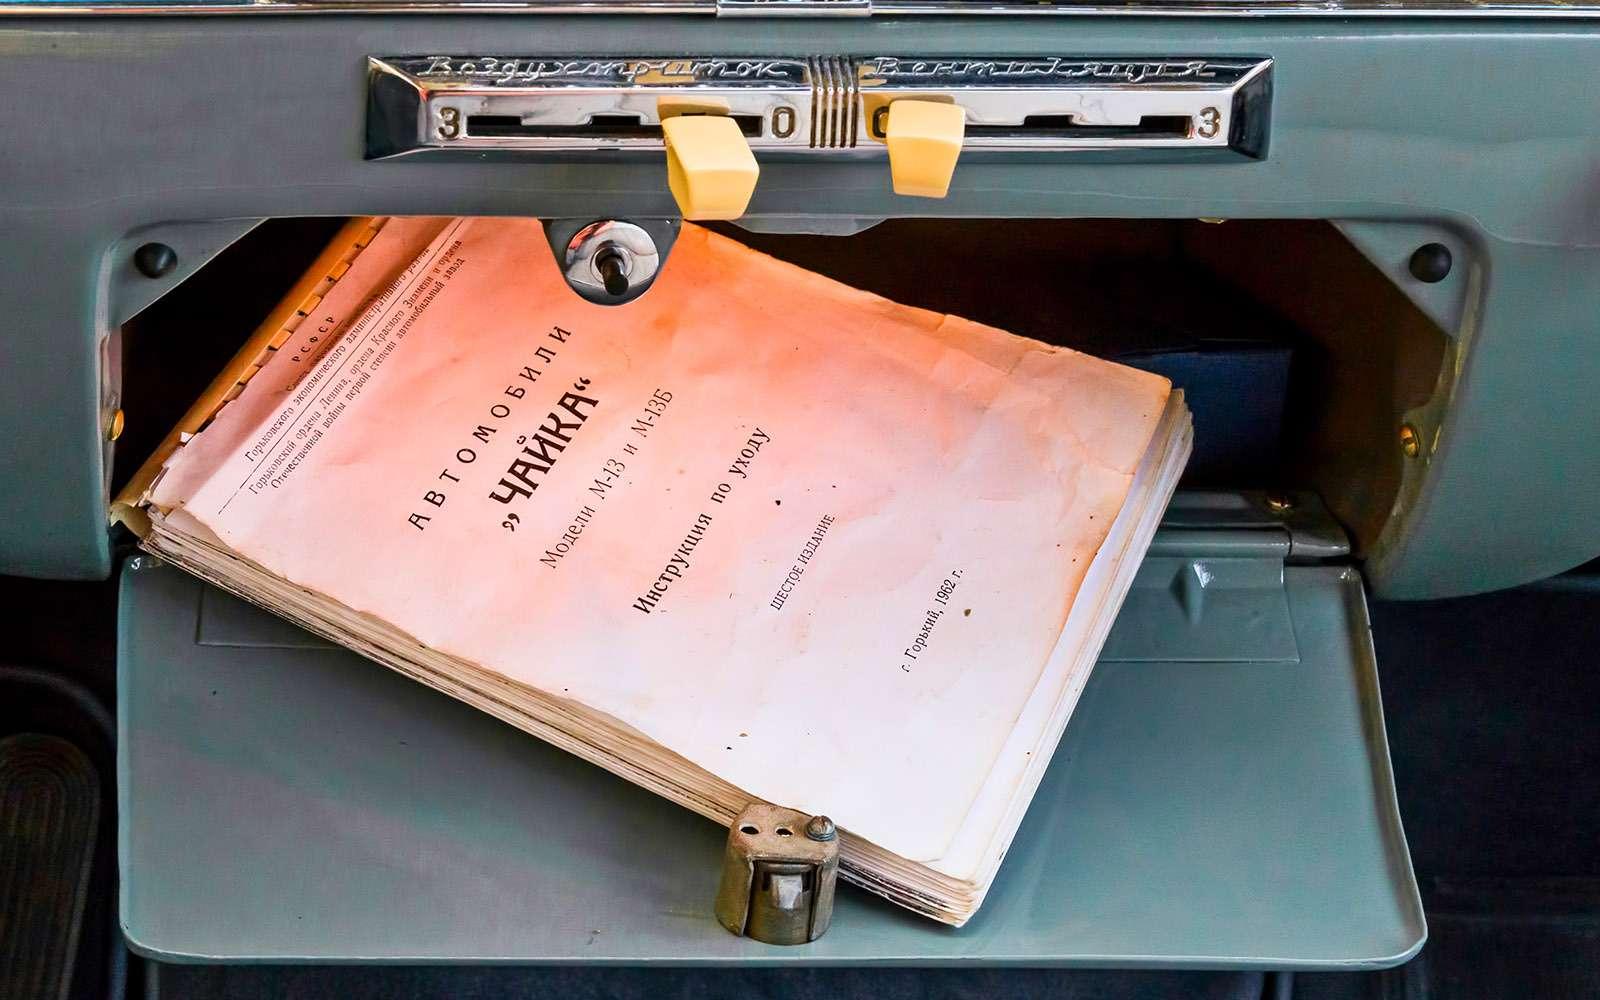 Крылья Советов: догоняем Америку наЧайке ГАЗ-13— фото 692180